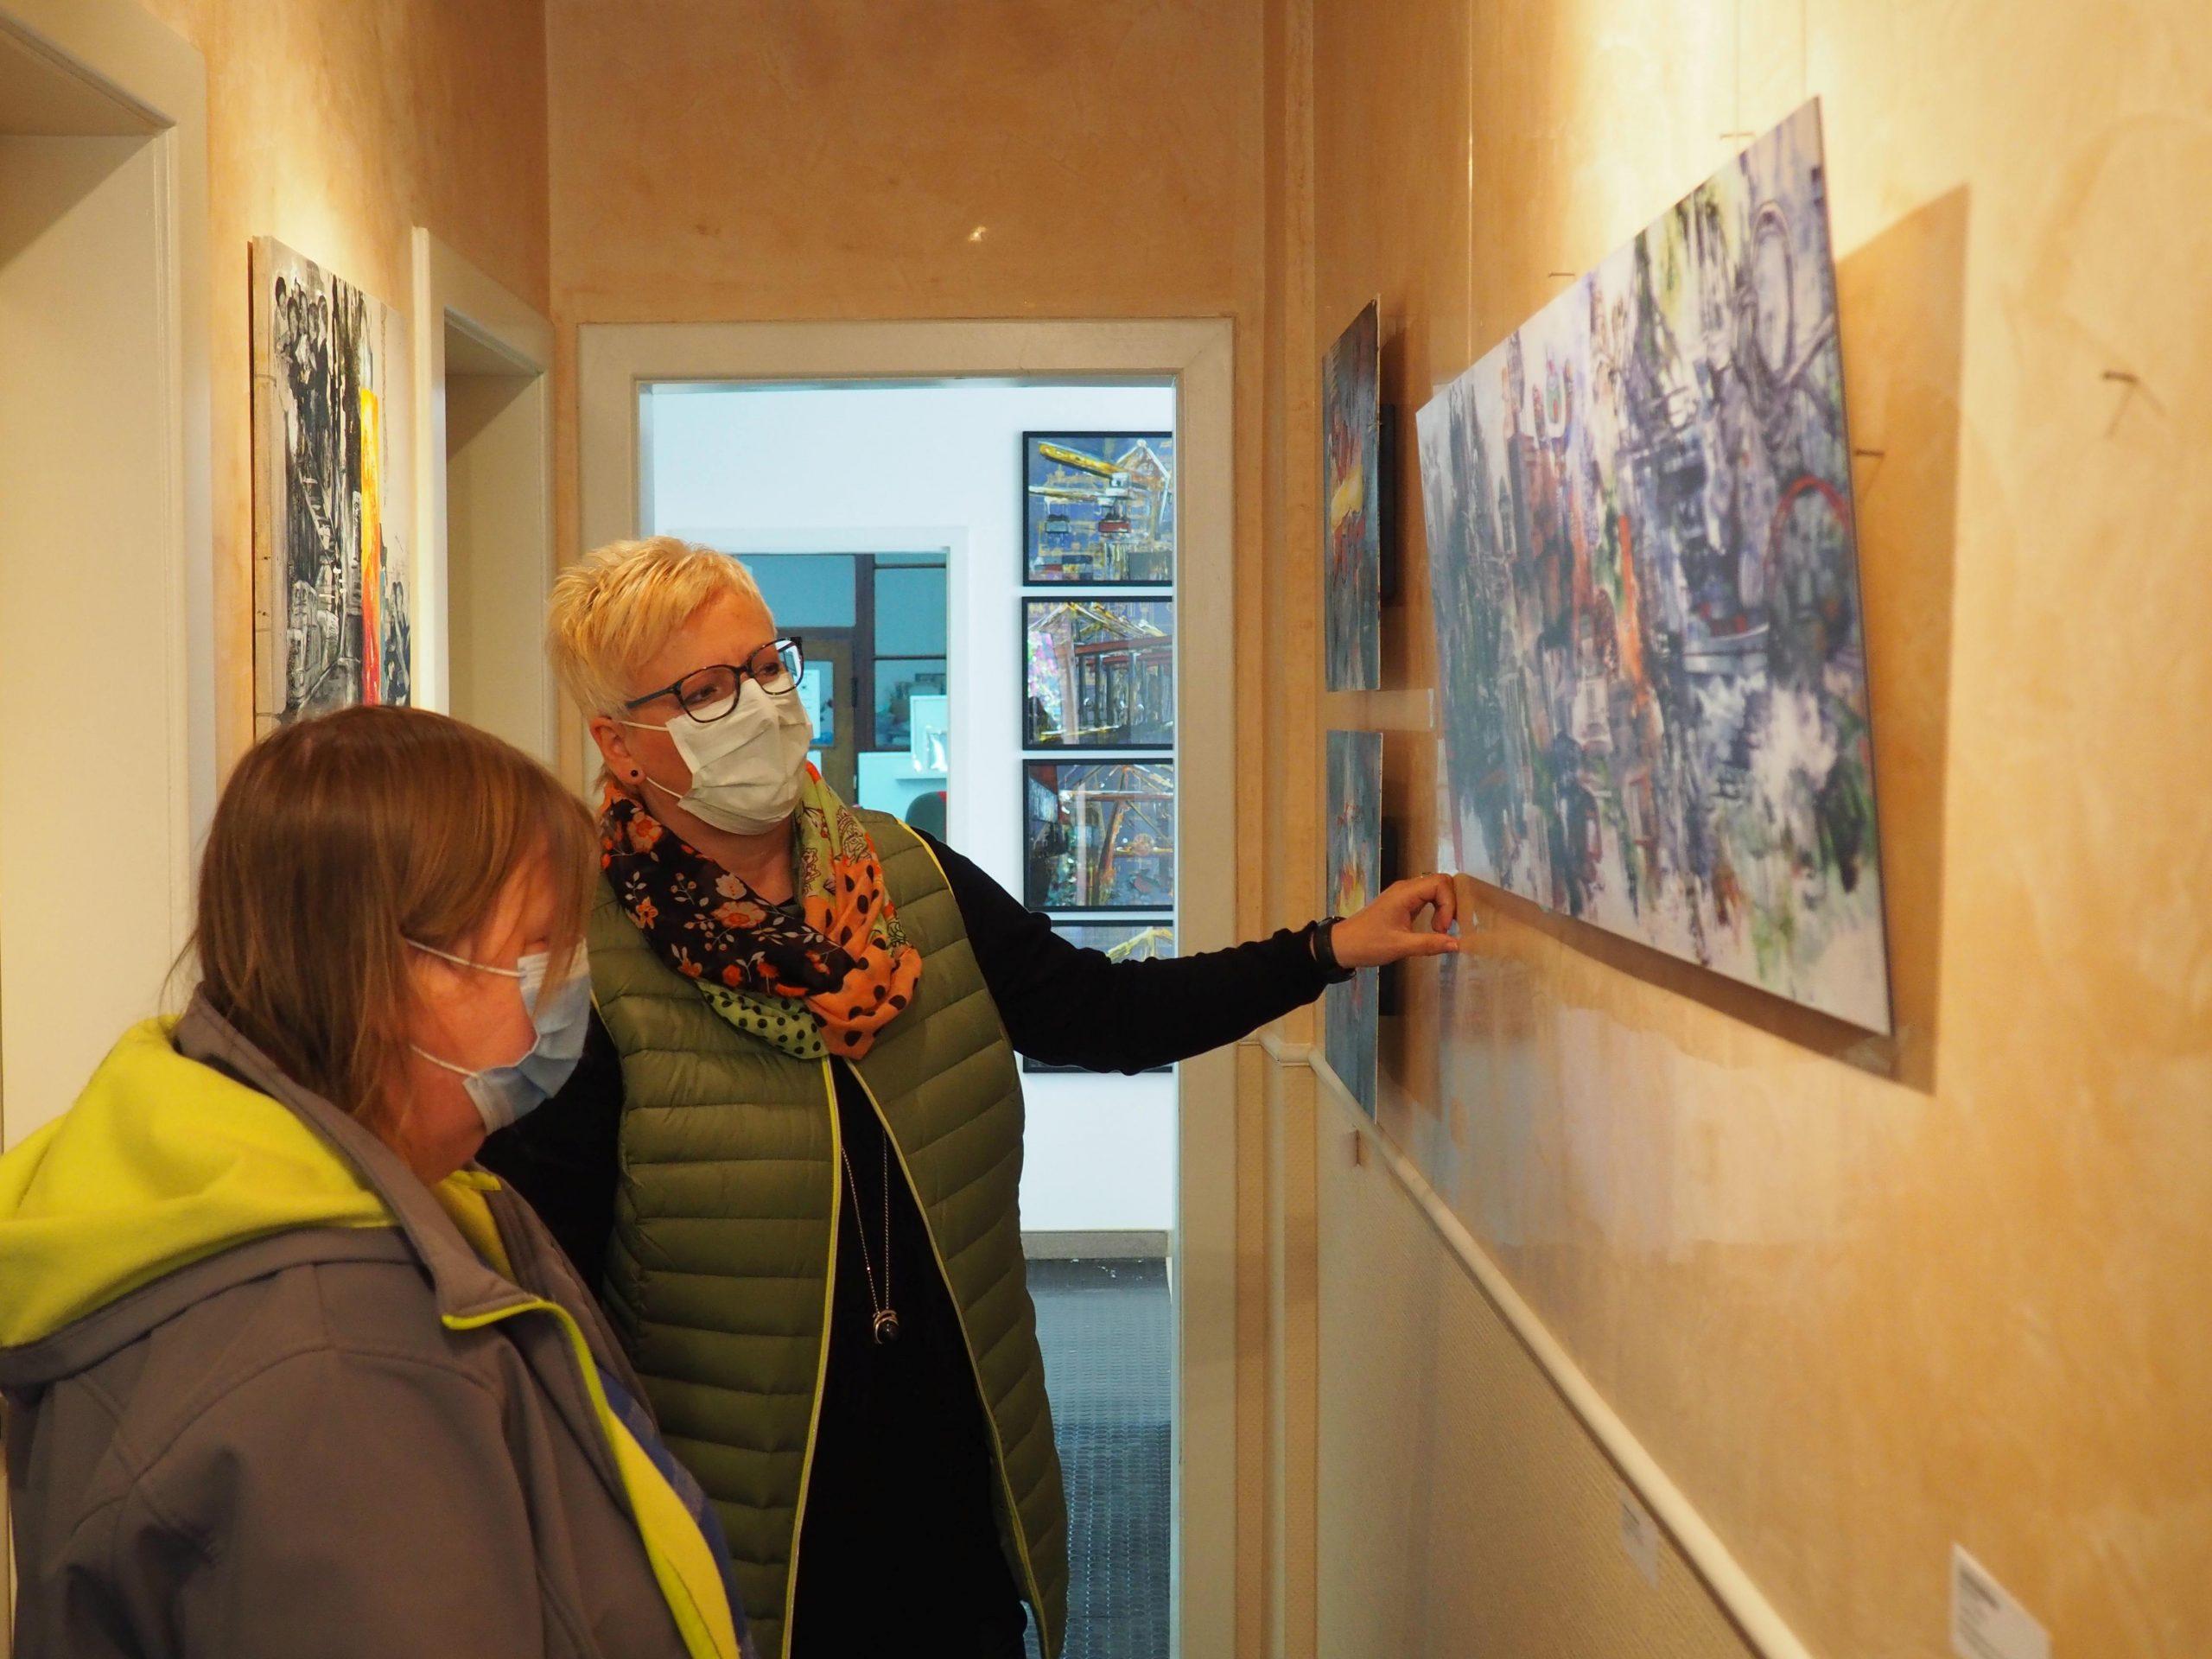 Dorothee Impelmann und Rosemarie Jaroniak betrachten ein Bild der Künstlerin.